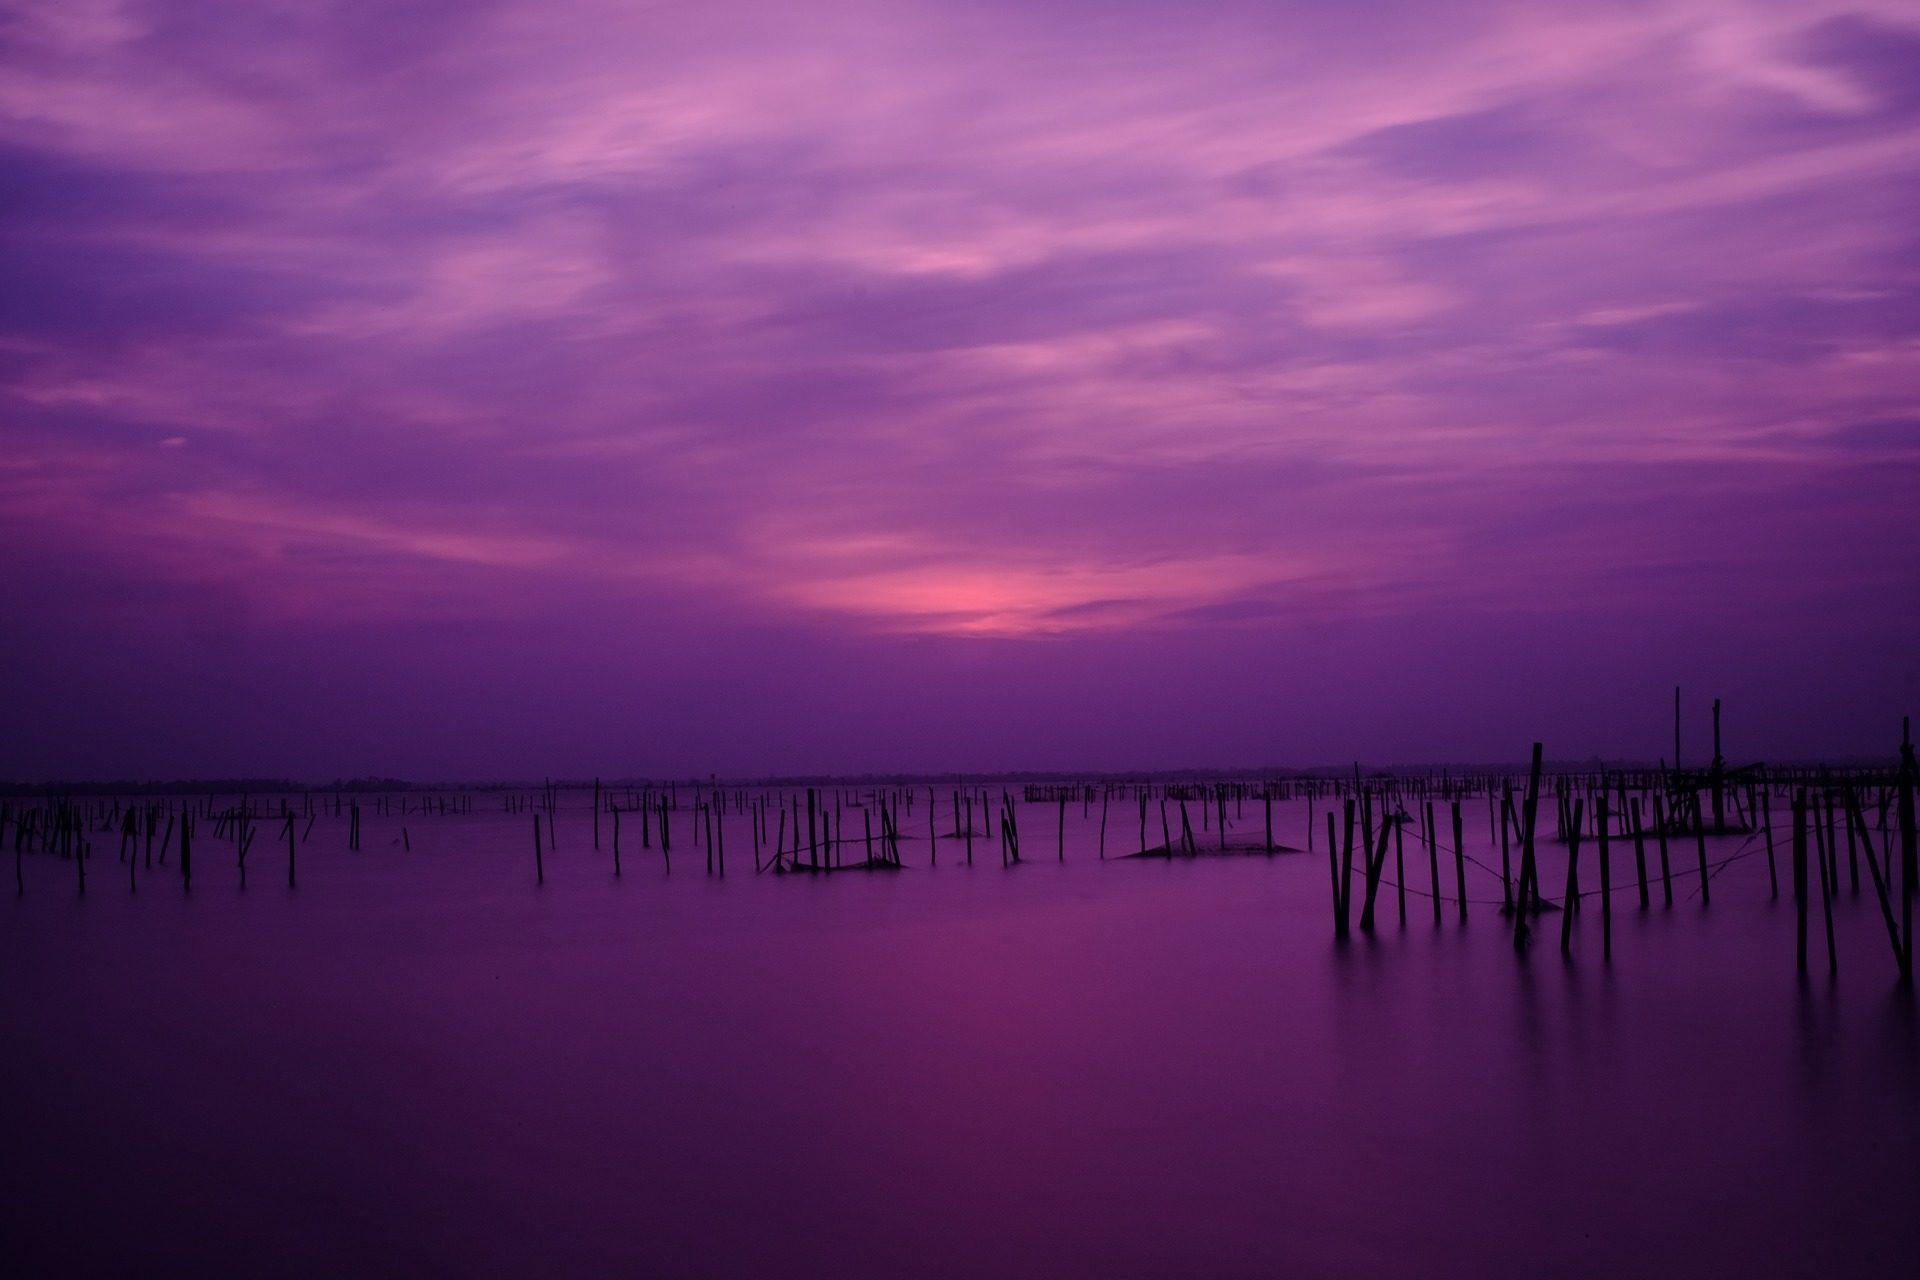 Закат, Небо, Фиолетовый, Лагуна, TAM giang, Вьетнам - Обои HD - Профессор falken.com